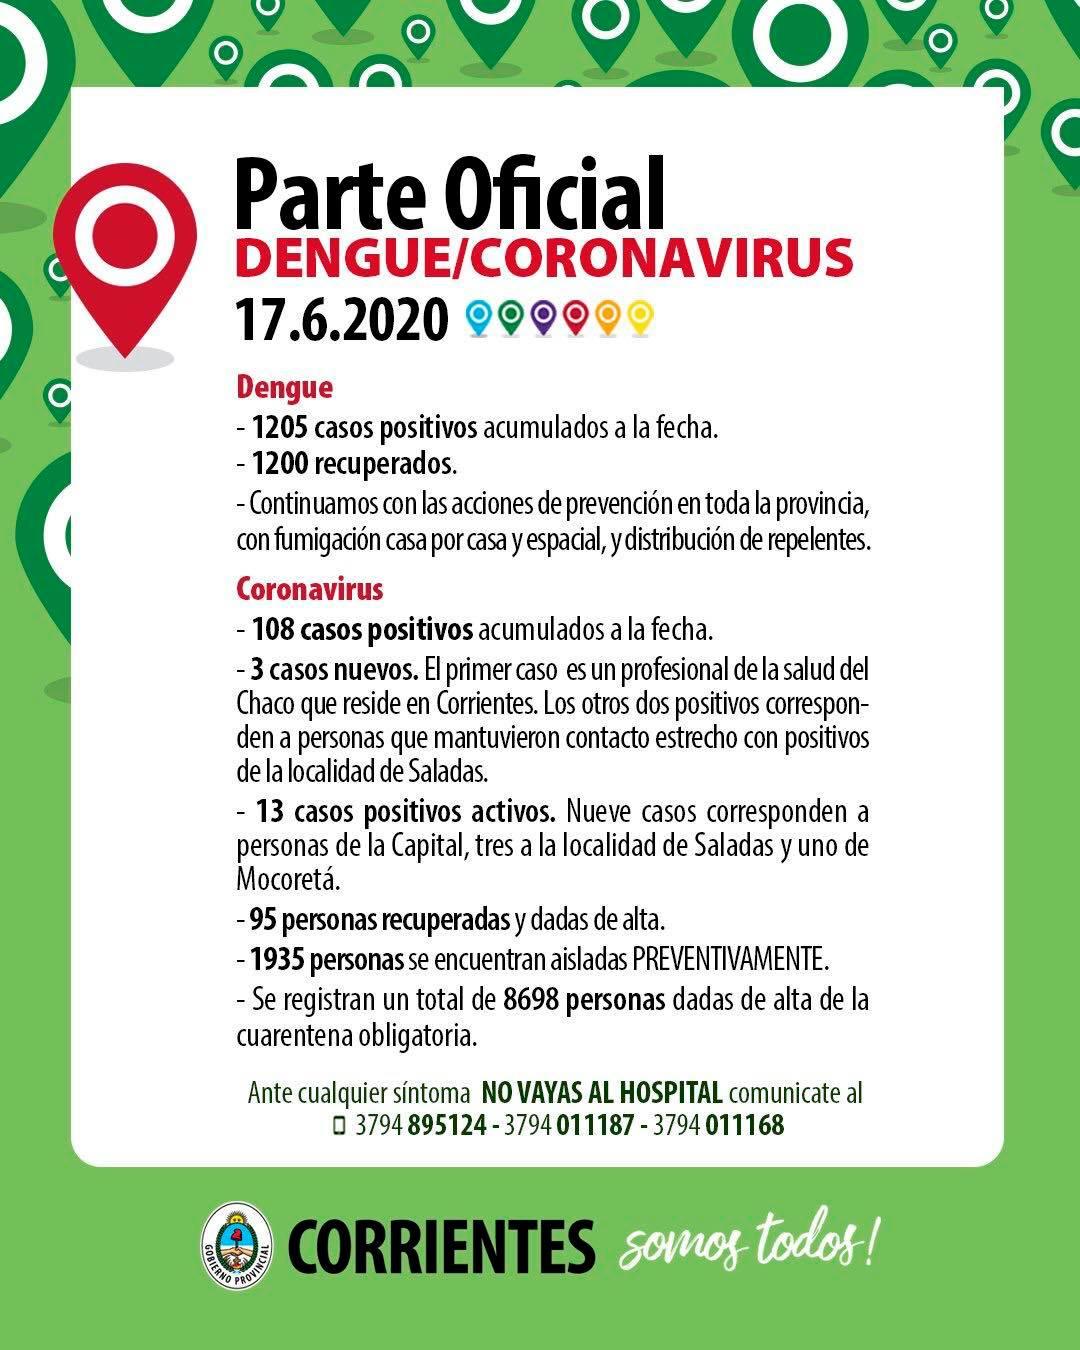 Tres casos positivos nuevos de Coronavirus en Corrientes